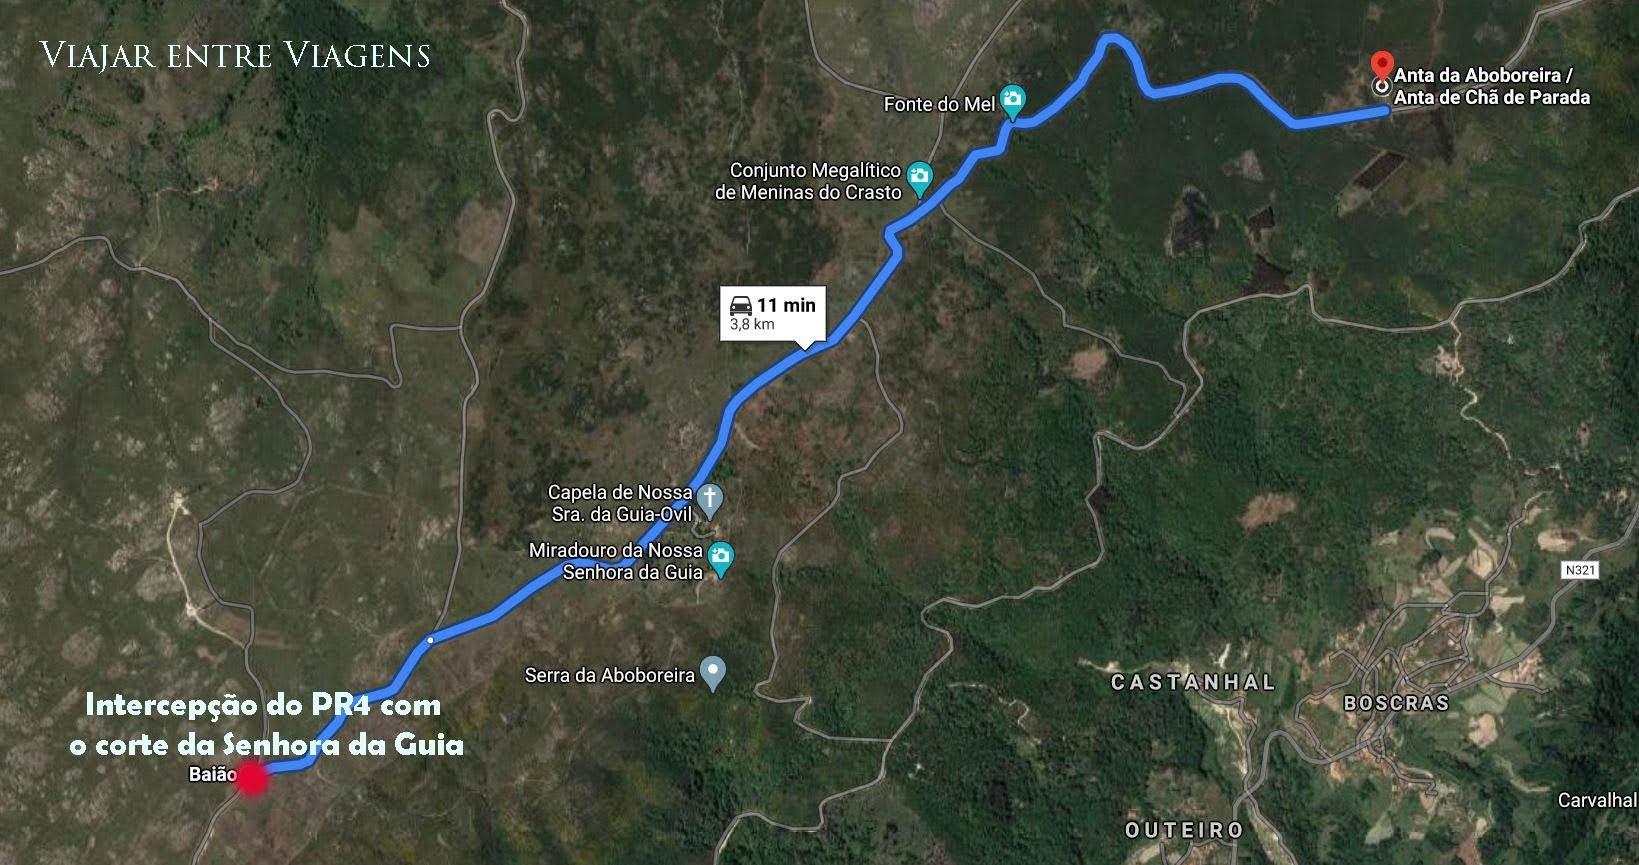 TRILHO DOS DÓLMENS - PR4 BAO/MCN/AMT | Um percurso que permite (com desvios) apreciar o melhor da Serra da Aboboreira